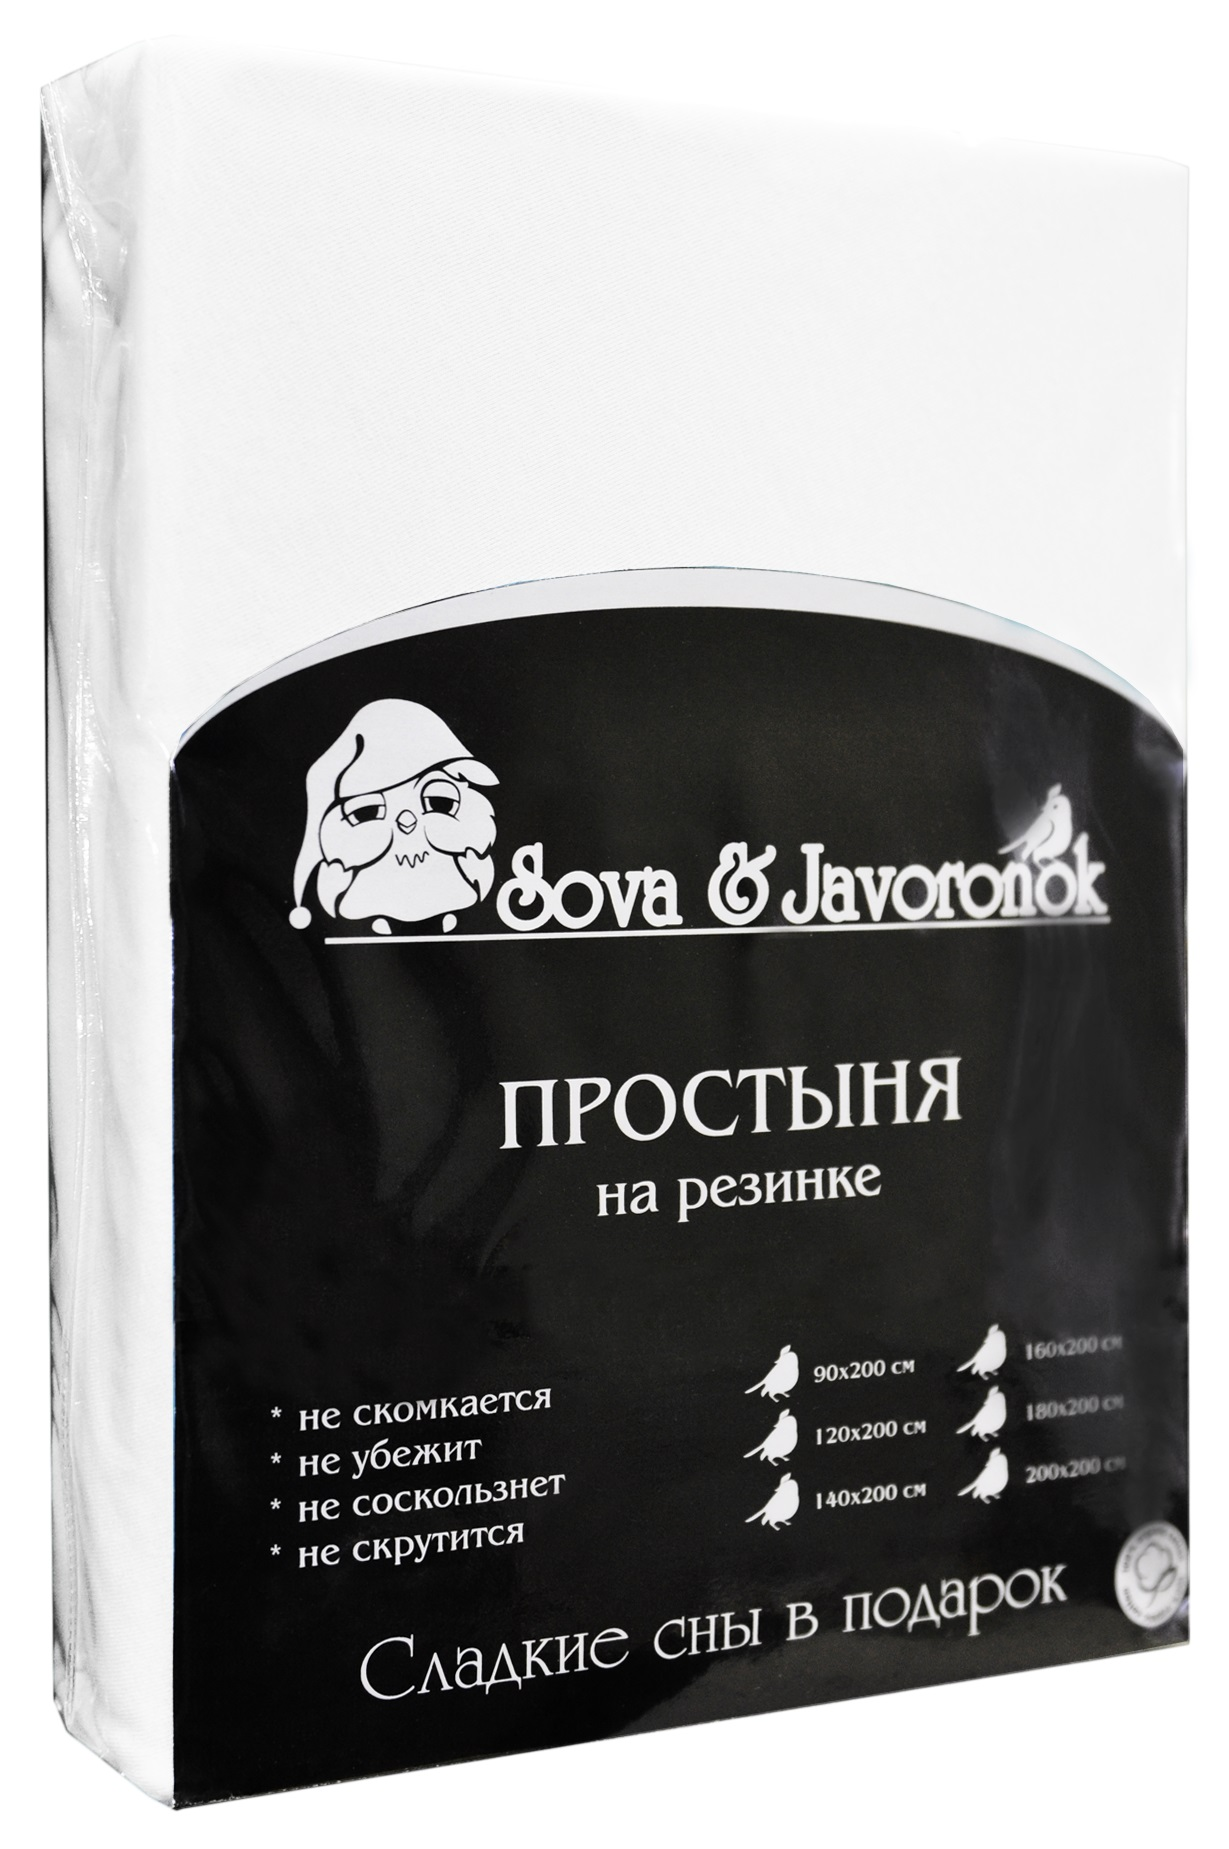 Простыня на резинке Sova & Javoronok, цвет: белый, 200 х 200 см0803113931Простыня на резинке Sova & Javoronok, изготовленная из трикотажной ткани (100% хлопок), будет превосходно смотреться с любыми комплектами белья. Хлопчатобумажный трикотаж по праву считается одним из самых качественных, прочных и при этом приятных на ощупь. Его гигиеничность позволяет использовать простыню и в детских комнатах, к тому же 100%-ый хлопок в составе ткани не вызовет аллергии. У трикотажного полотна очень интересная структура, немного рыхлая за счет отсутствия плотного переплетения нитей и наличия особых петель, благодаря этому простыня Сова и Жаворонок отлично пропускает воздух и способствует его постоянной циркуляции. Поэтому ваша постель будет всегда оставаться свежей. Но главное и, пожалуй, самое известное свойство трикотажа - это его великолепная растяжимость, поэтому эта ткань и была выбрана для натяжной простыни на резинке.Простыня прошита резинкой по всему периметру, что обеспечивает более комфортный отдых, так как она прочно удерживается на матрасе и избавляет от необходимости часто поправлять простыню.